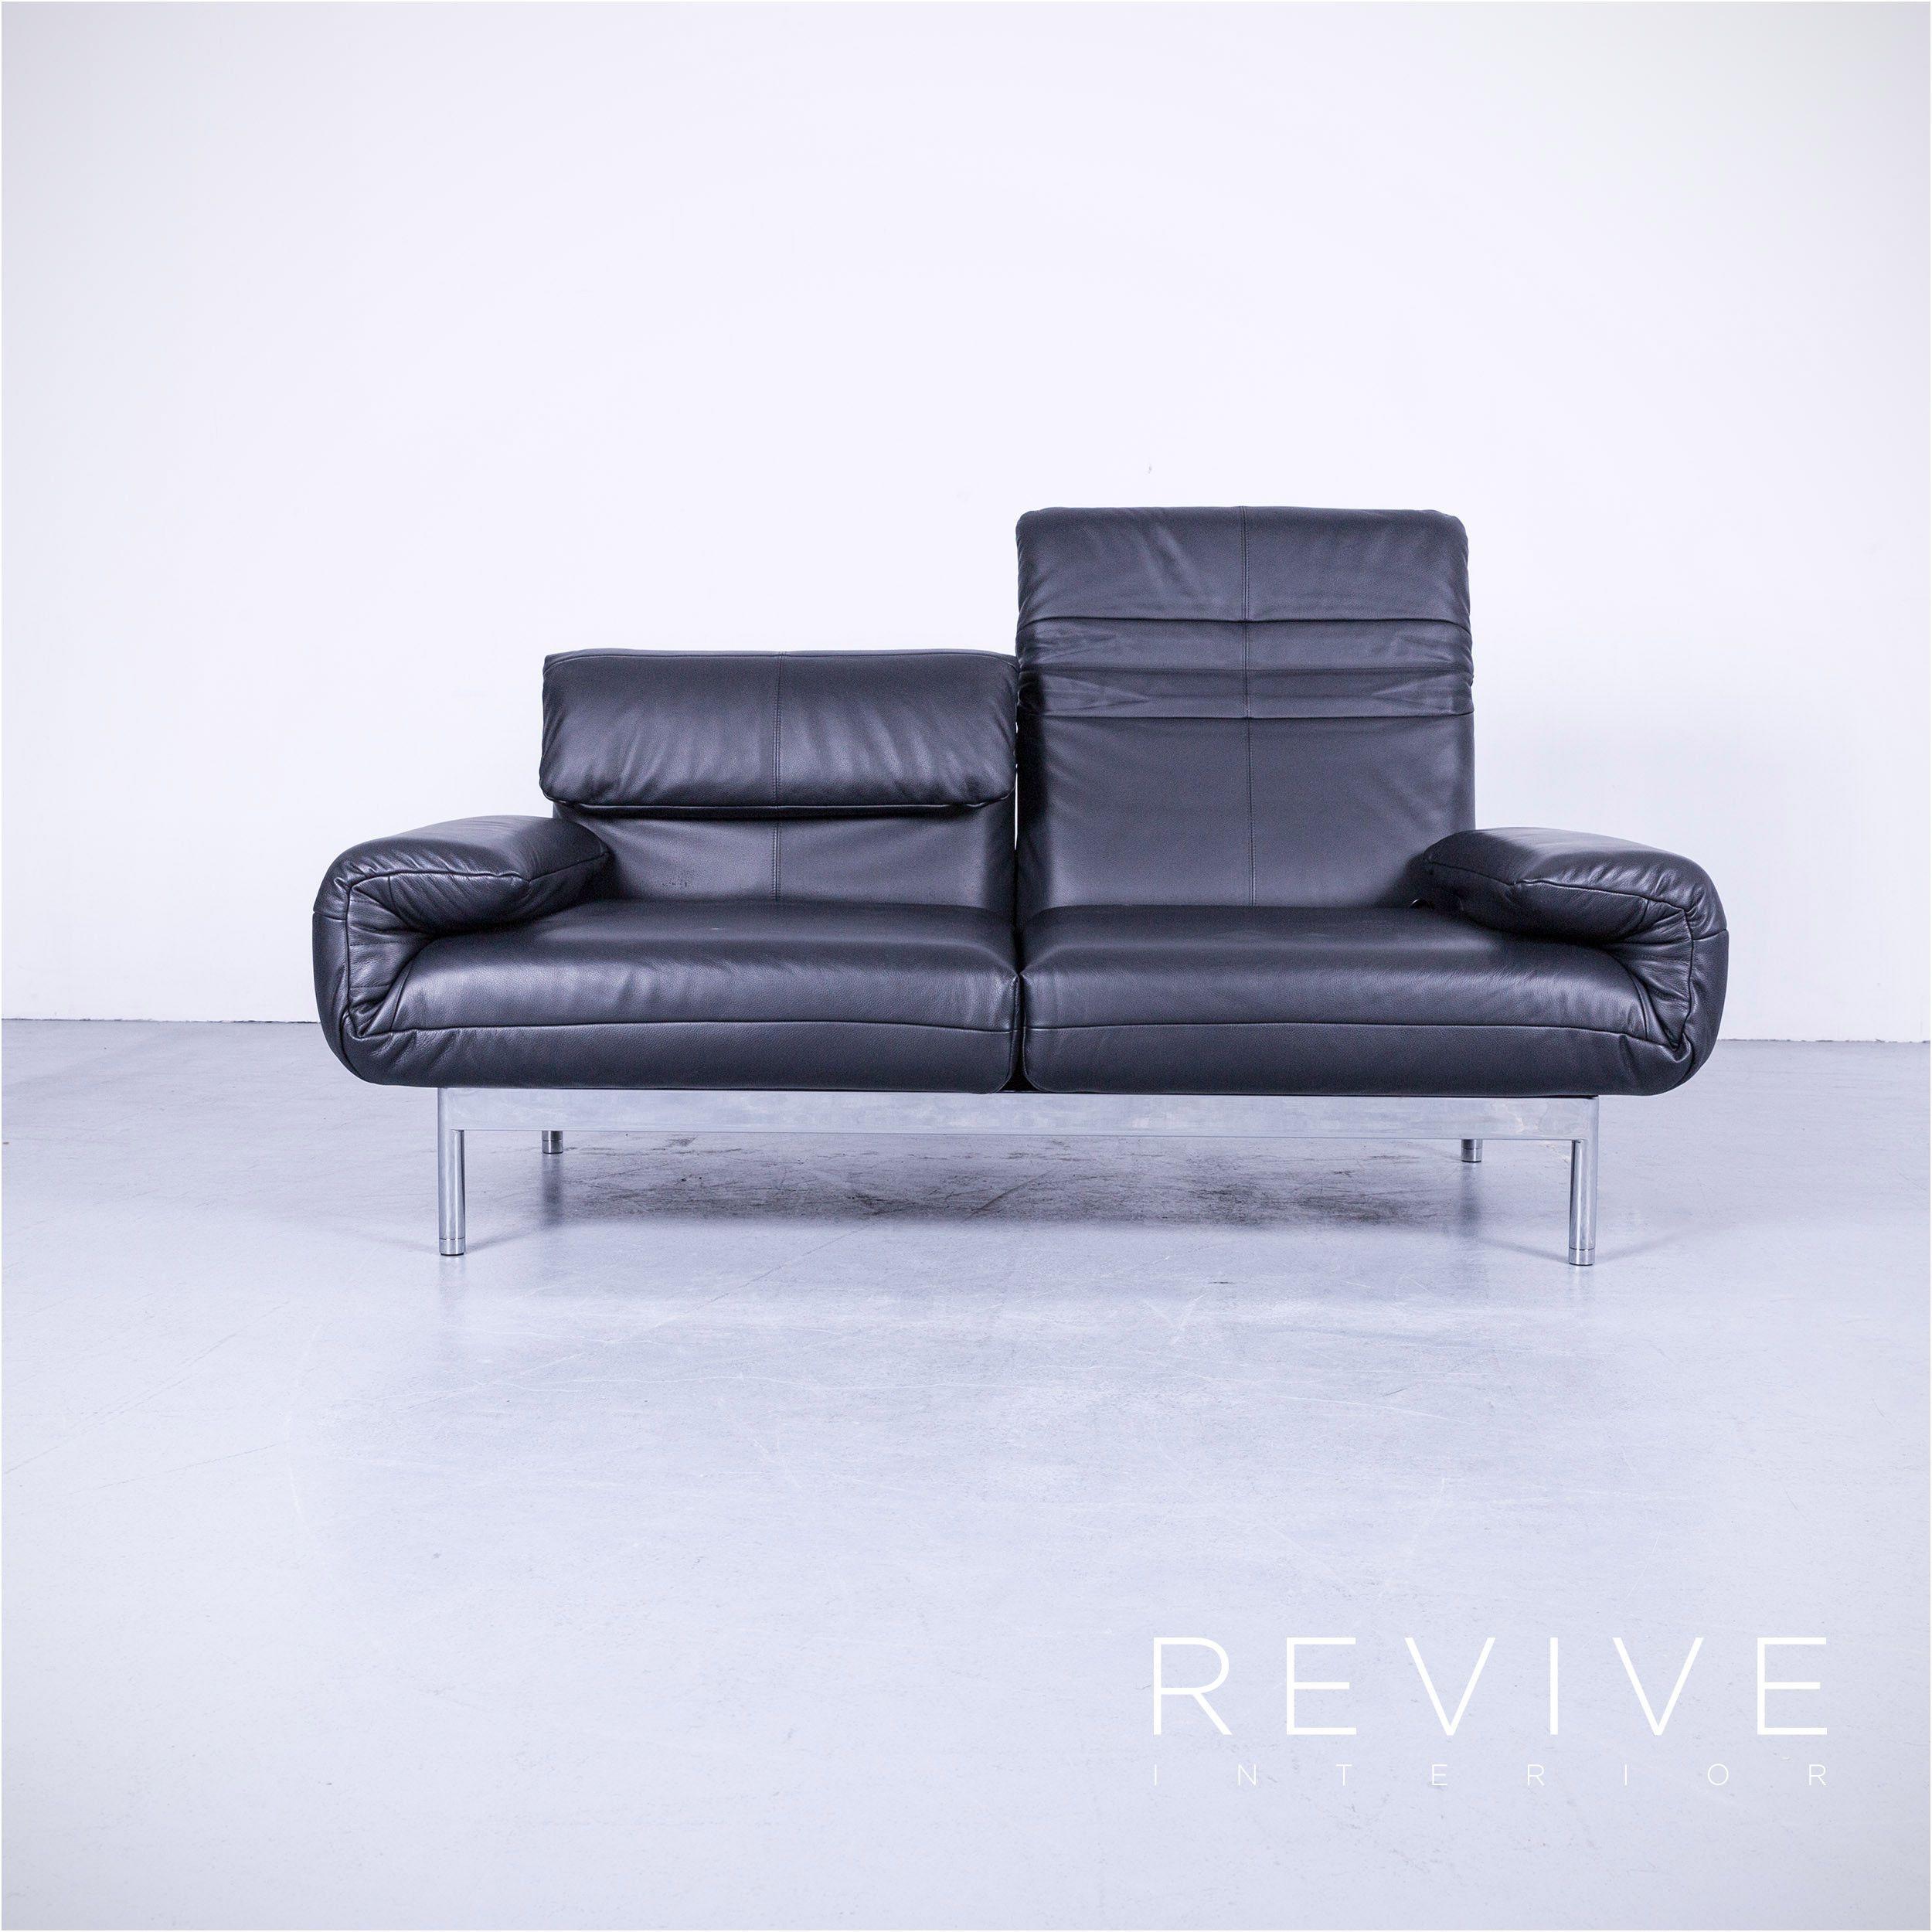 Exotisch Dreisitzer Zweisitzer Sessel Sofa Couch Design Sofa Design